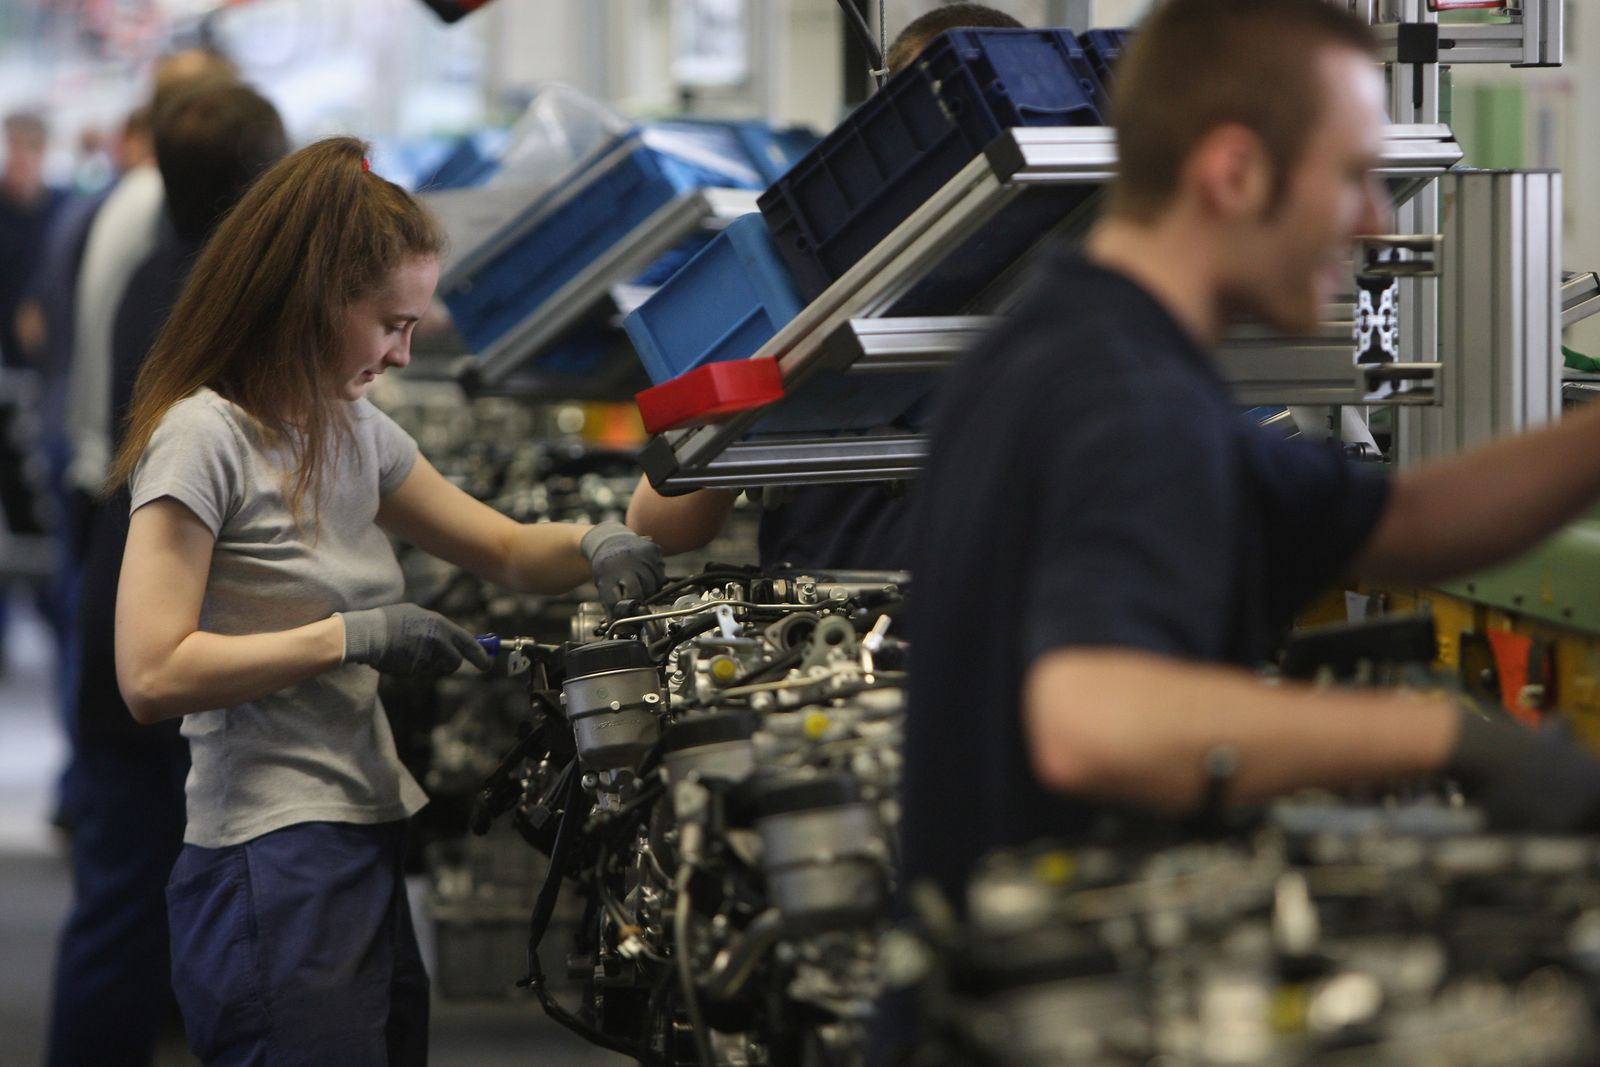 German Economic Growth Slows